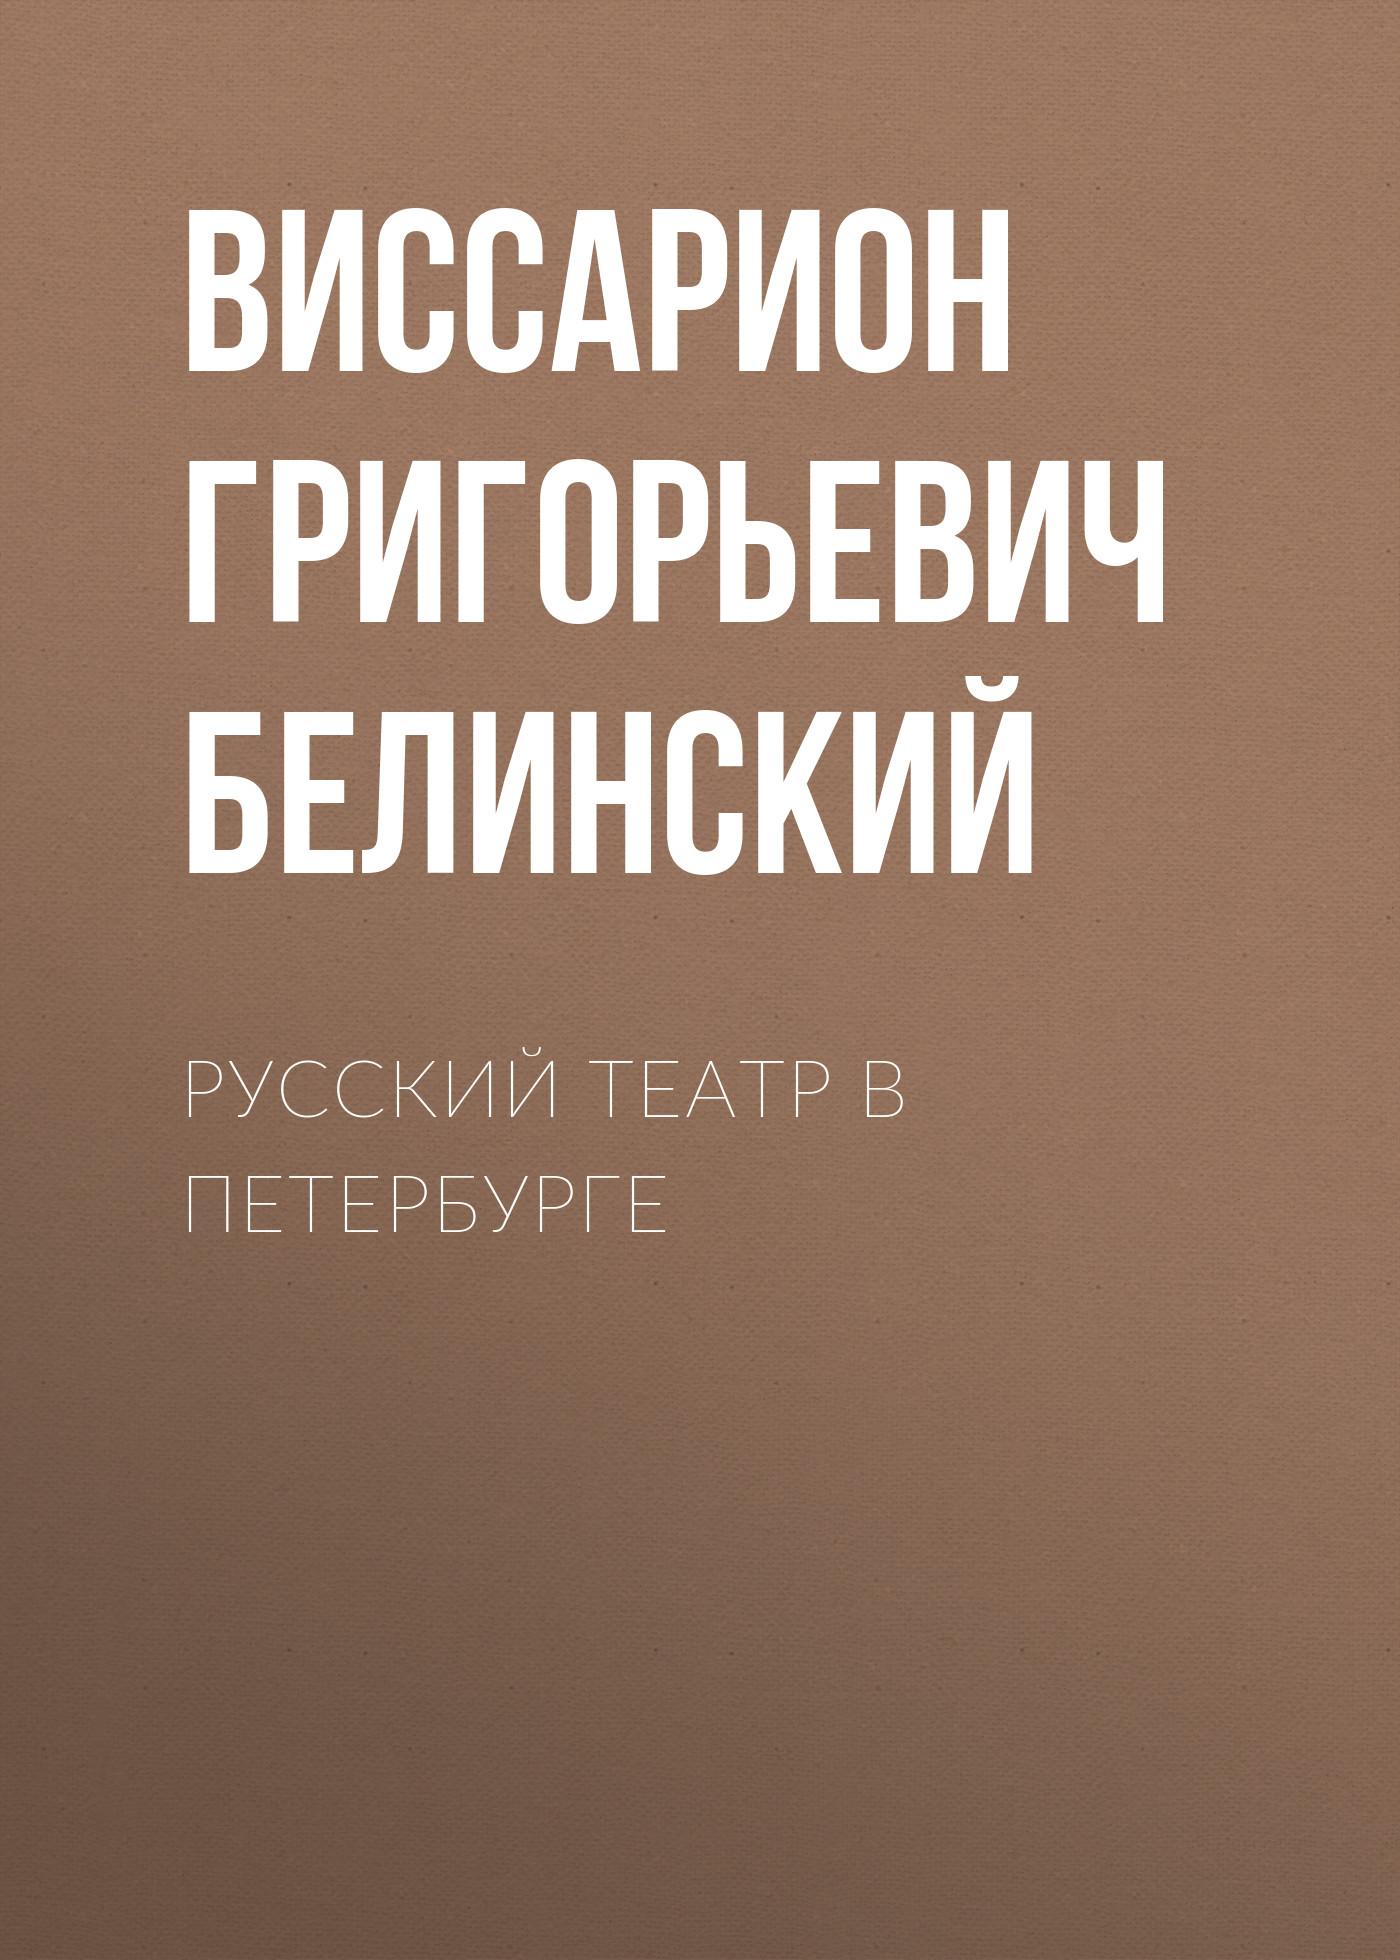 Виссарион Белинский Русский театр в Петербурге облака белогривые лошадки сборник мультфильмов